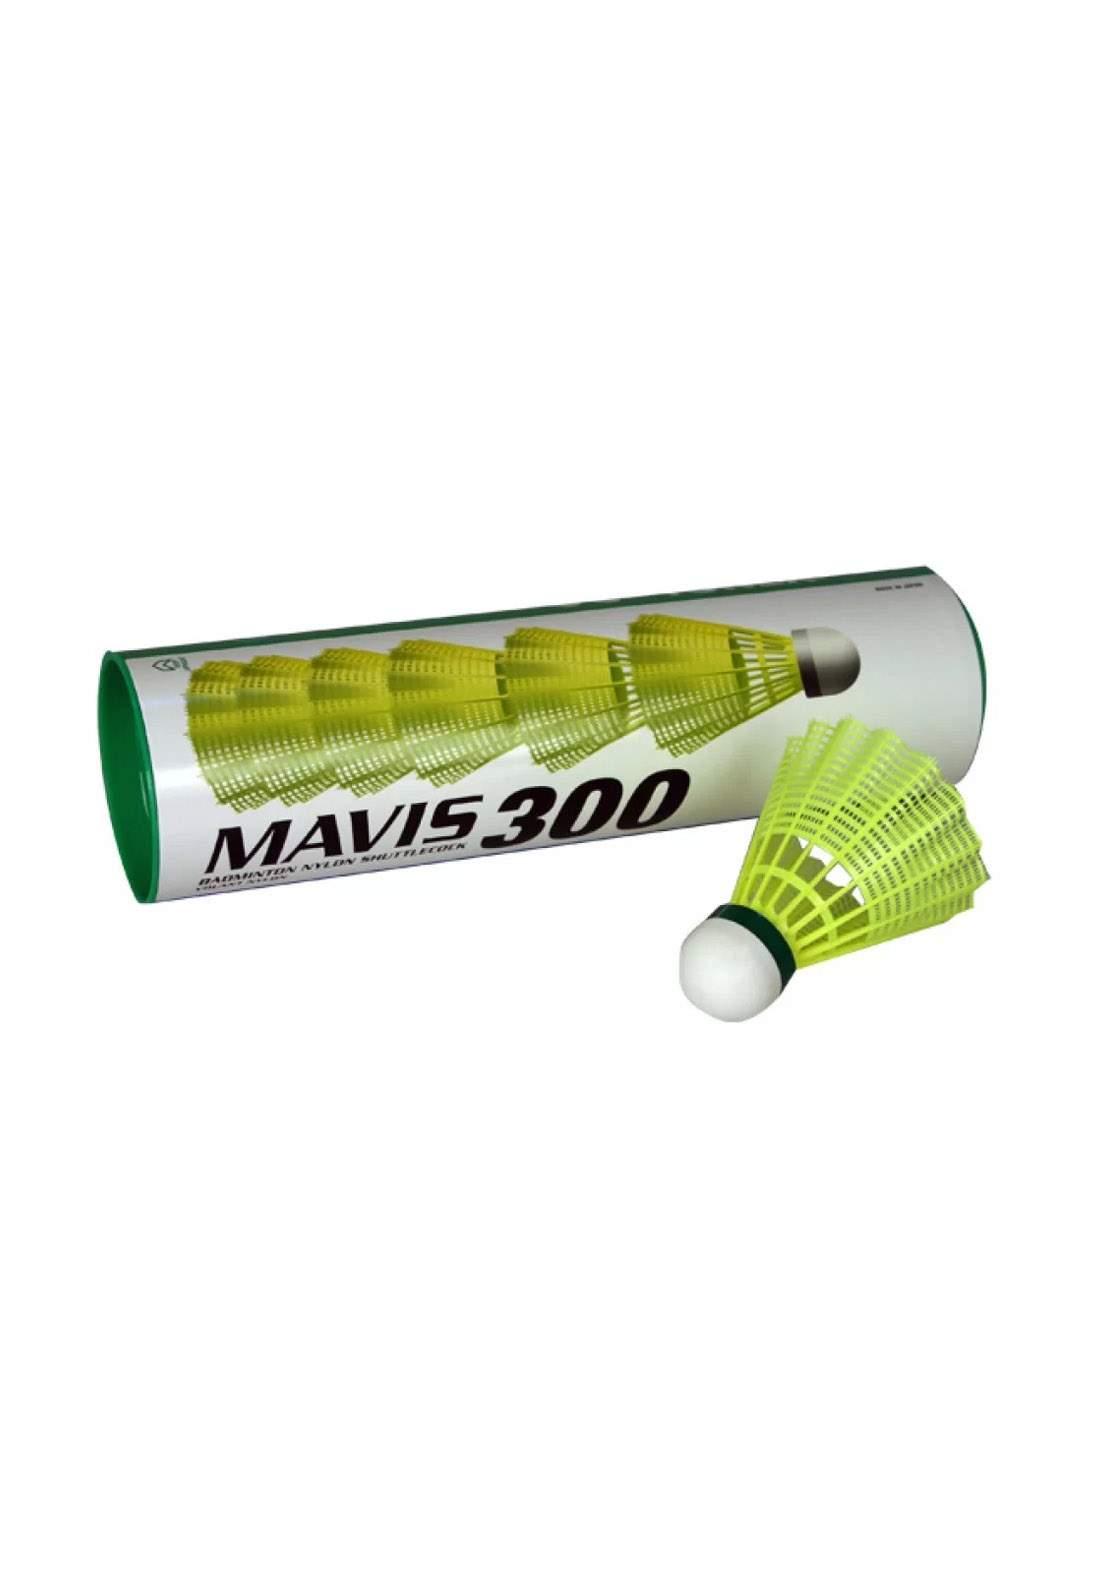 Yonex Mavis 300 (Pack 10) Green Cap Shuttlecock سيت  ريش مضرب